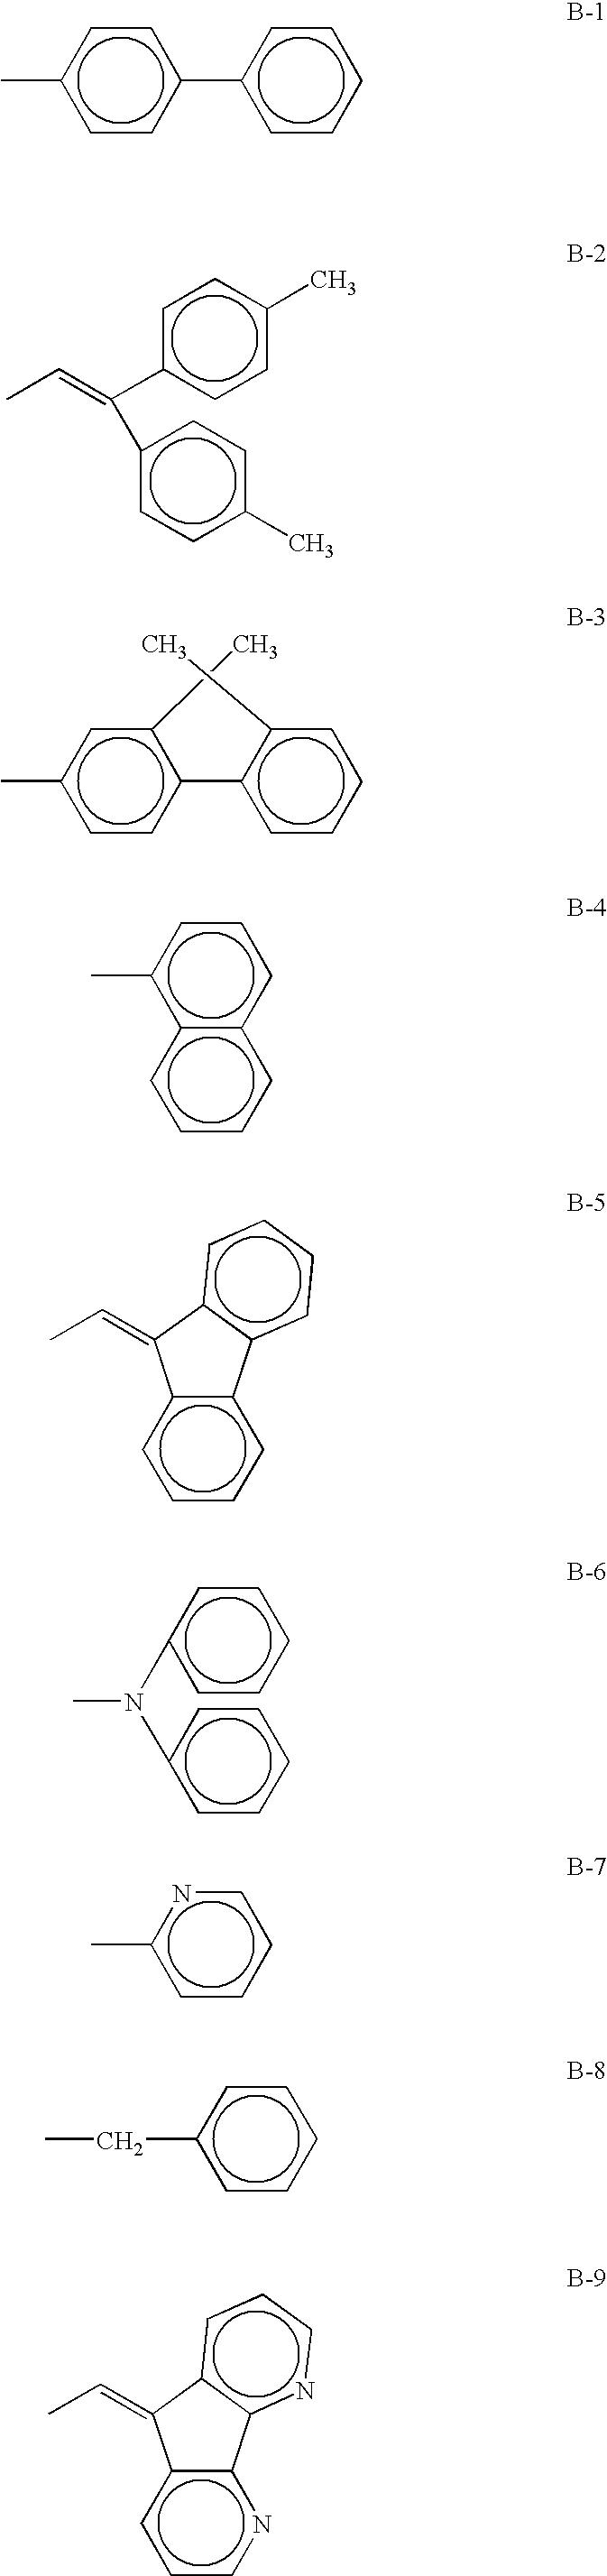 Figure US20030235713A1-20031225-C00010